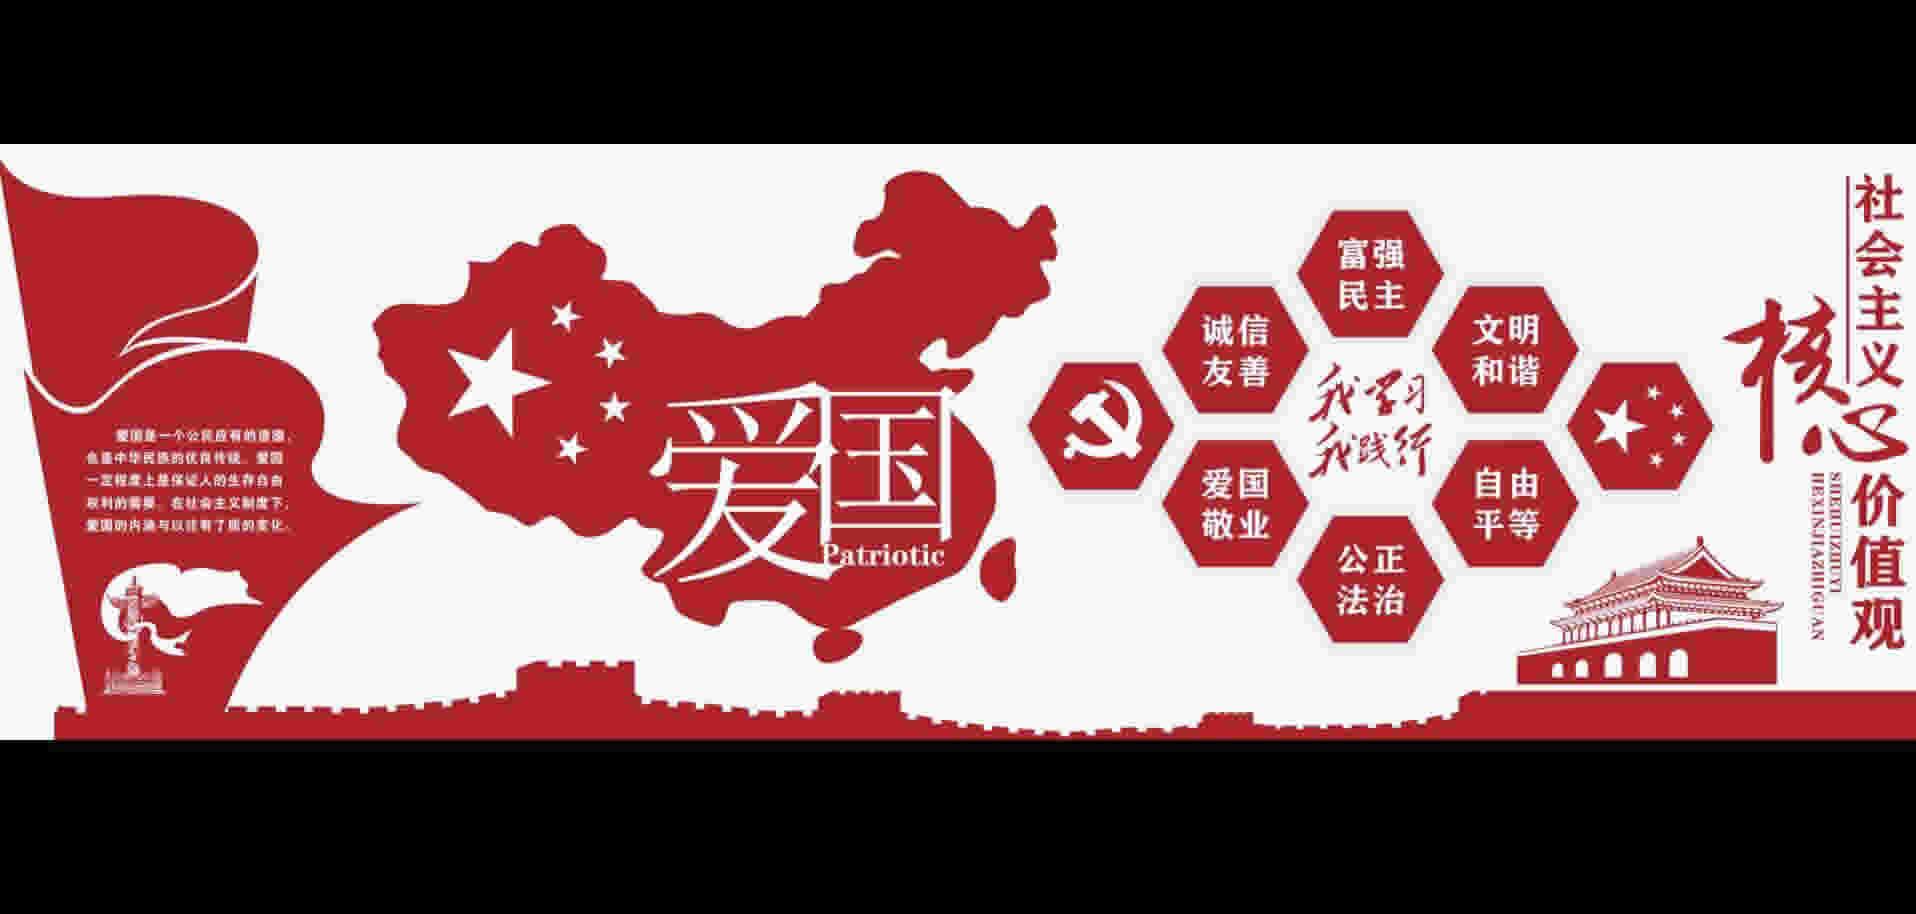 社会主义核心价值观展示墙